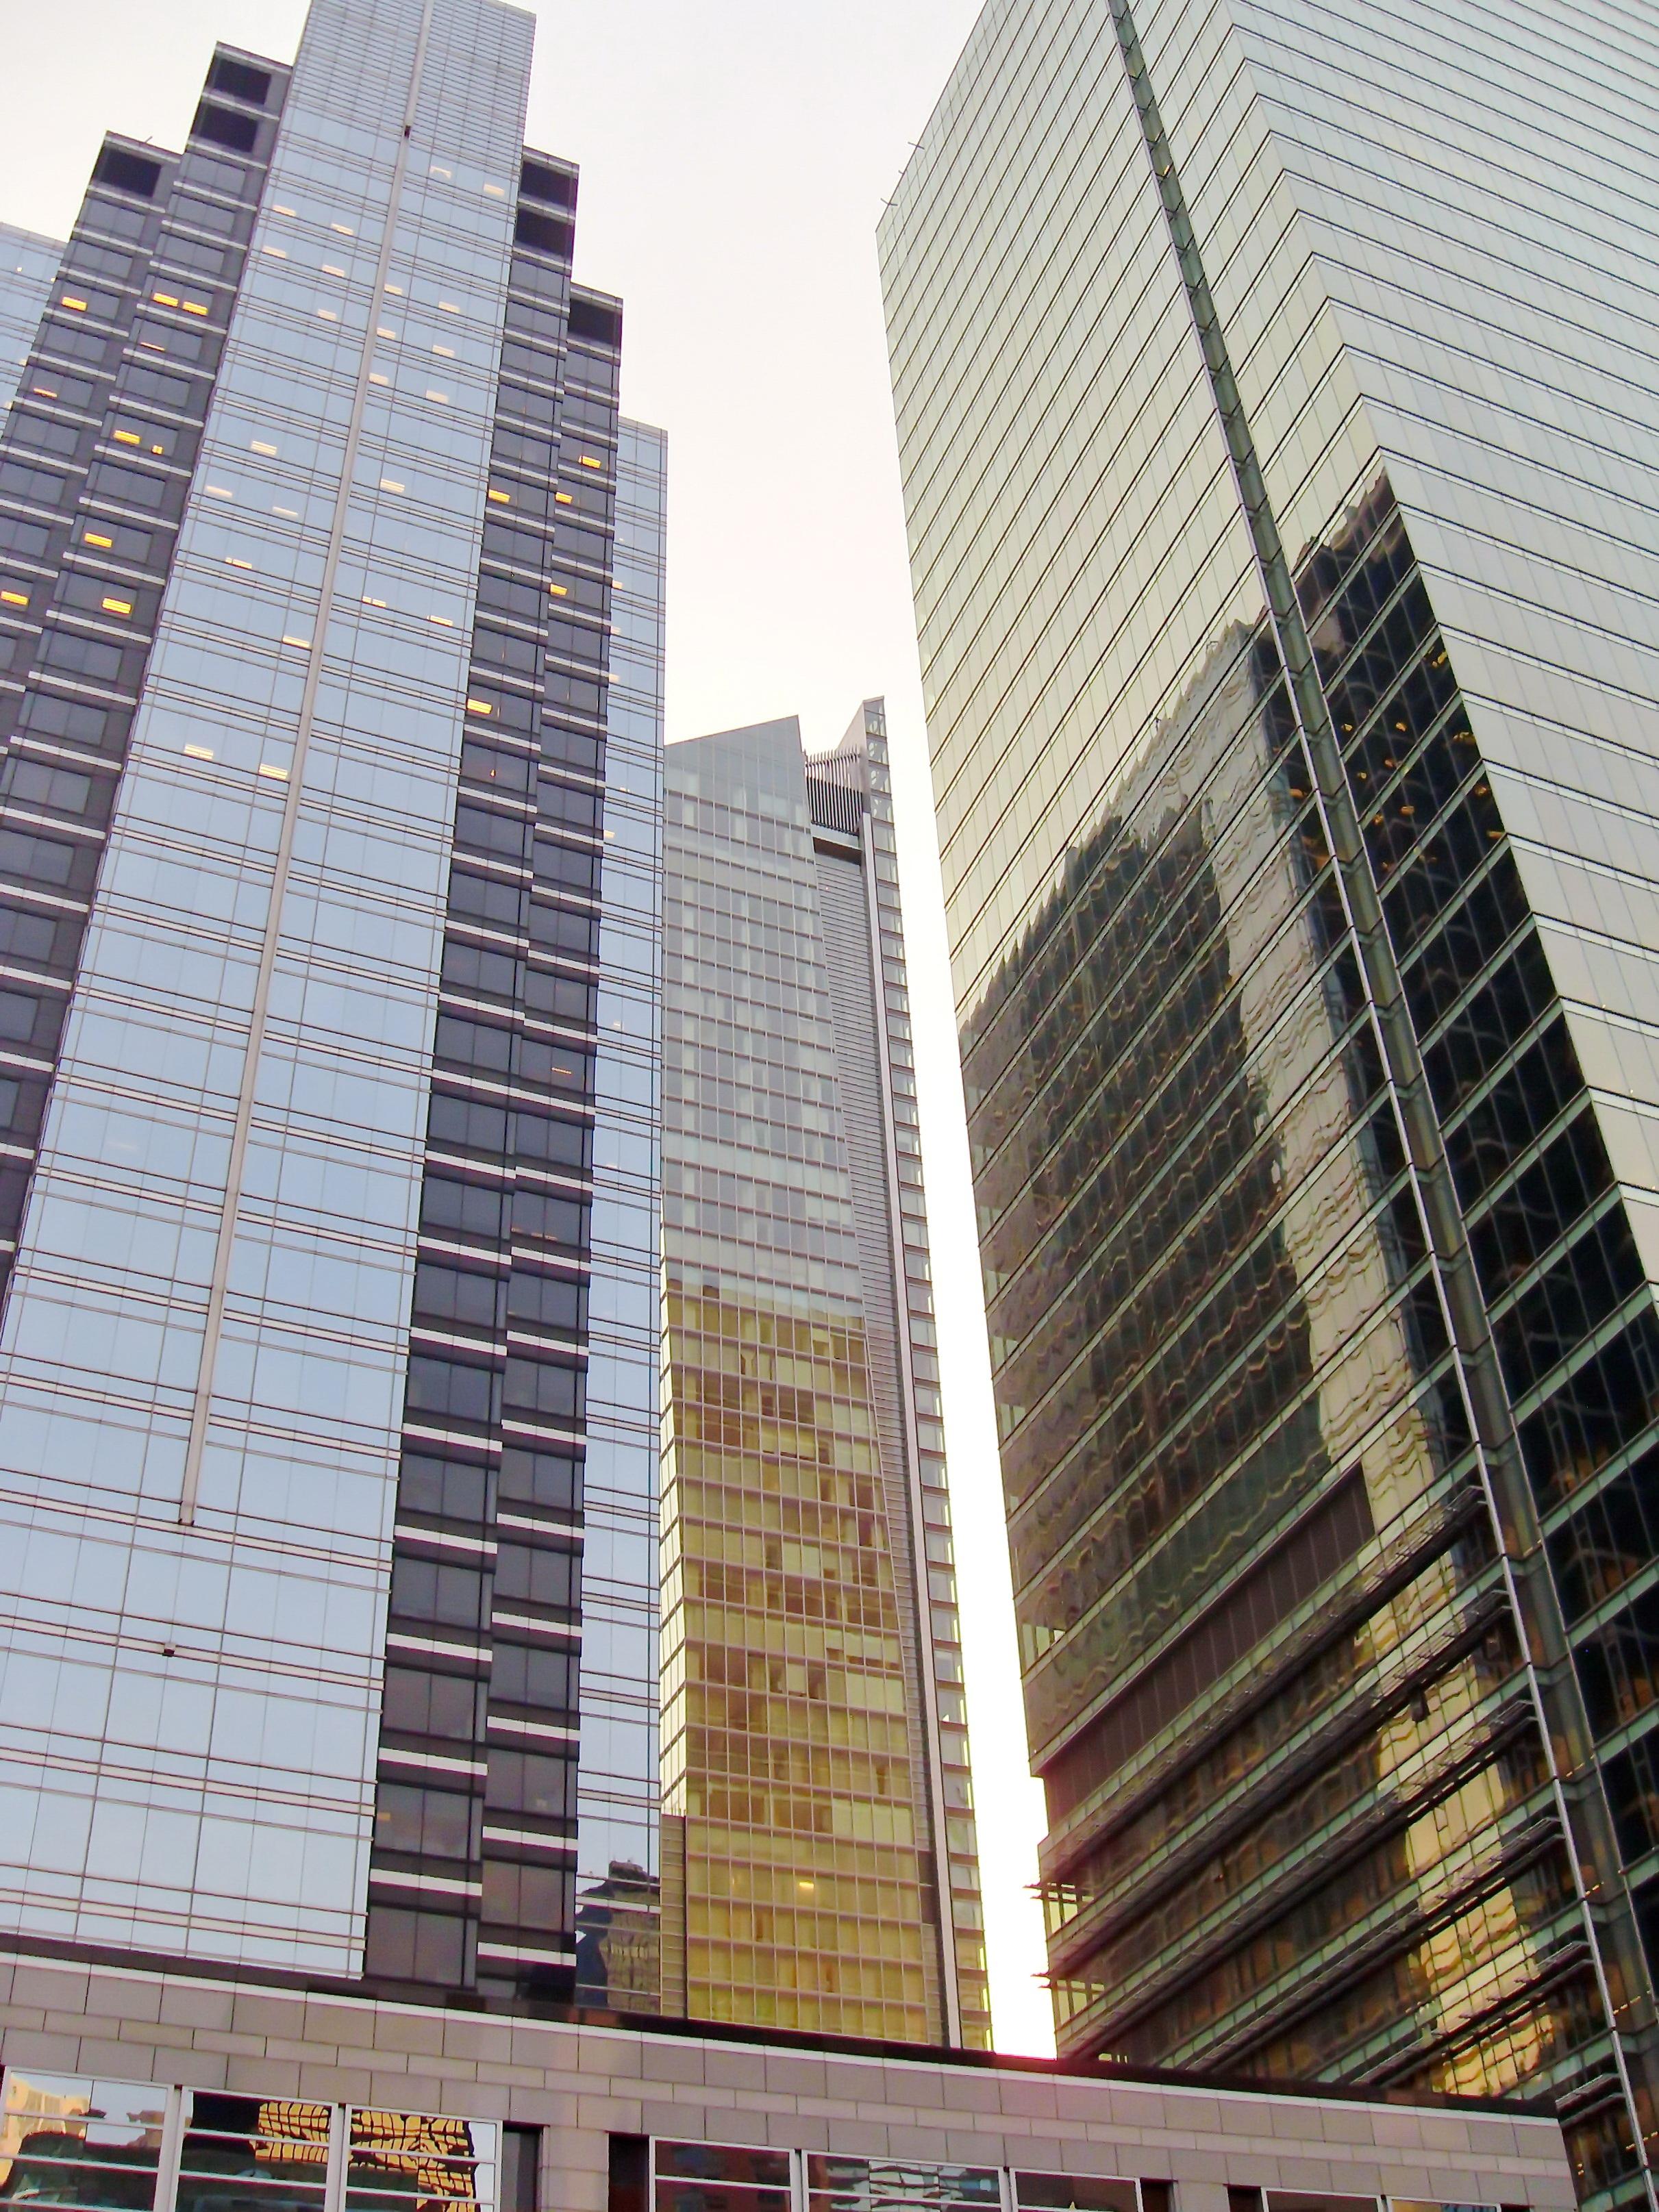 fotos gratis horizonte vaso rascacielos nueva york manhattan paisaje urbano centro de la ciudad torre estados unidos